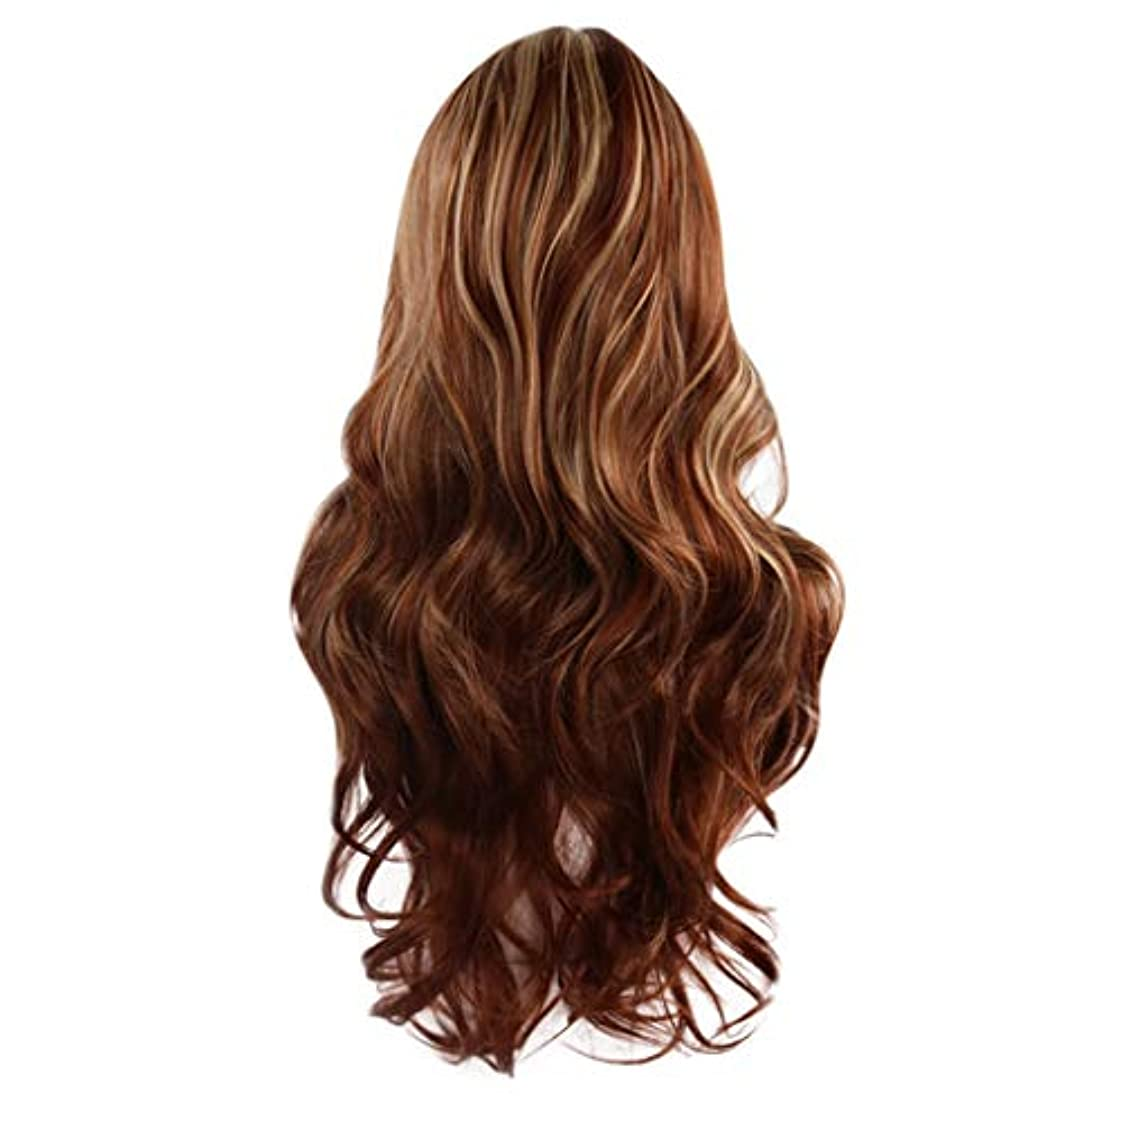 使用法教室比喩女性の茶色の長いウェーブのかかった巻き毛のかつらフルウィッグローズネット